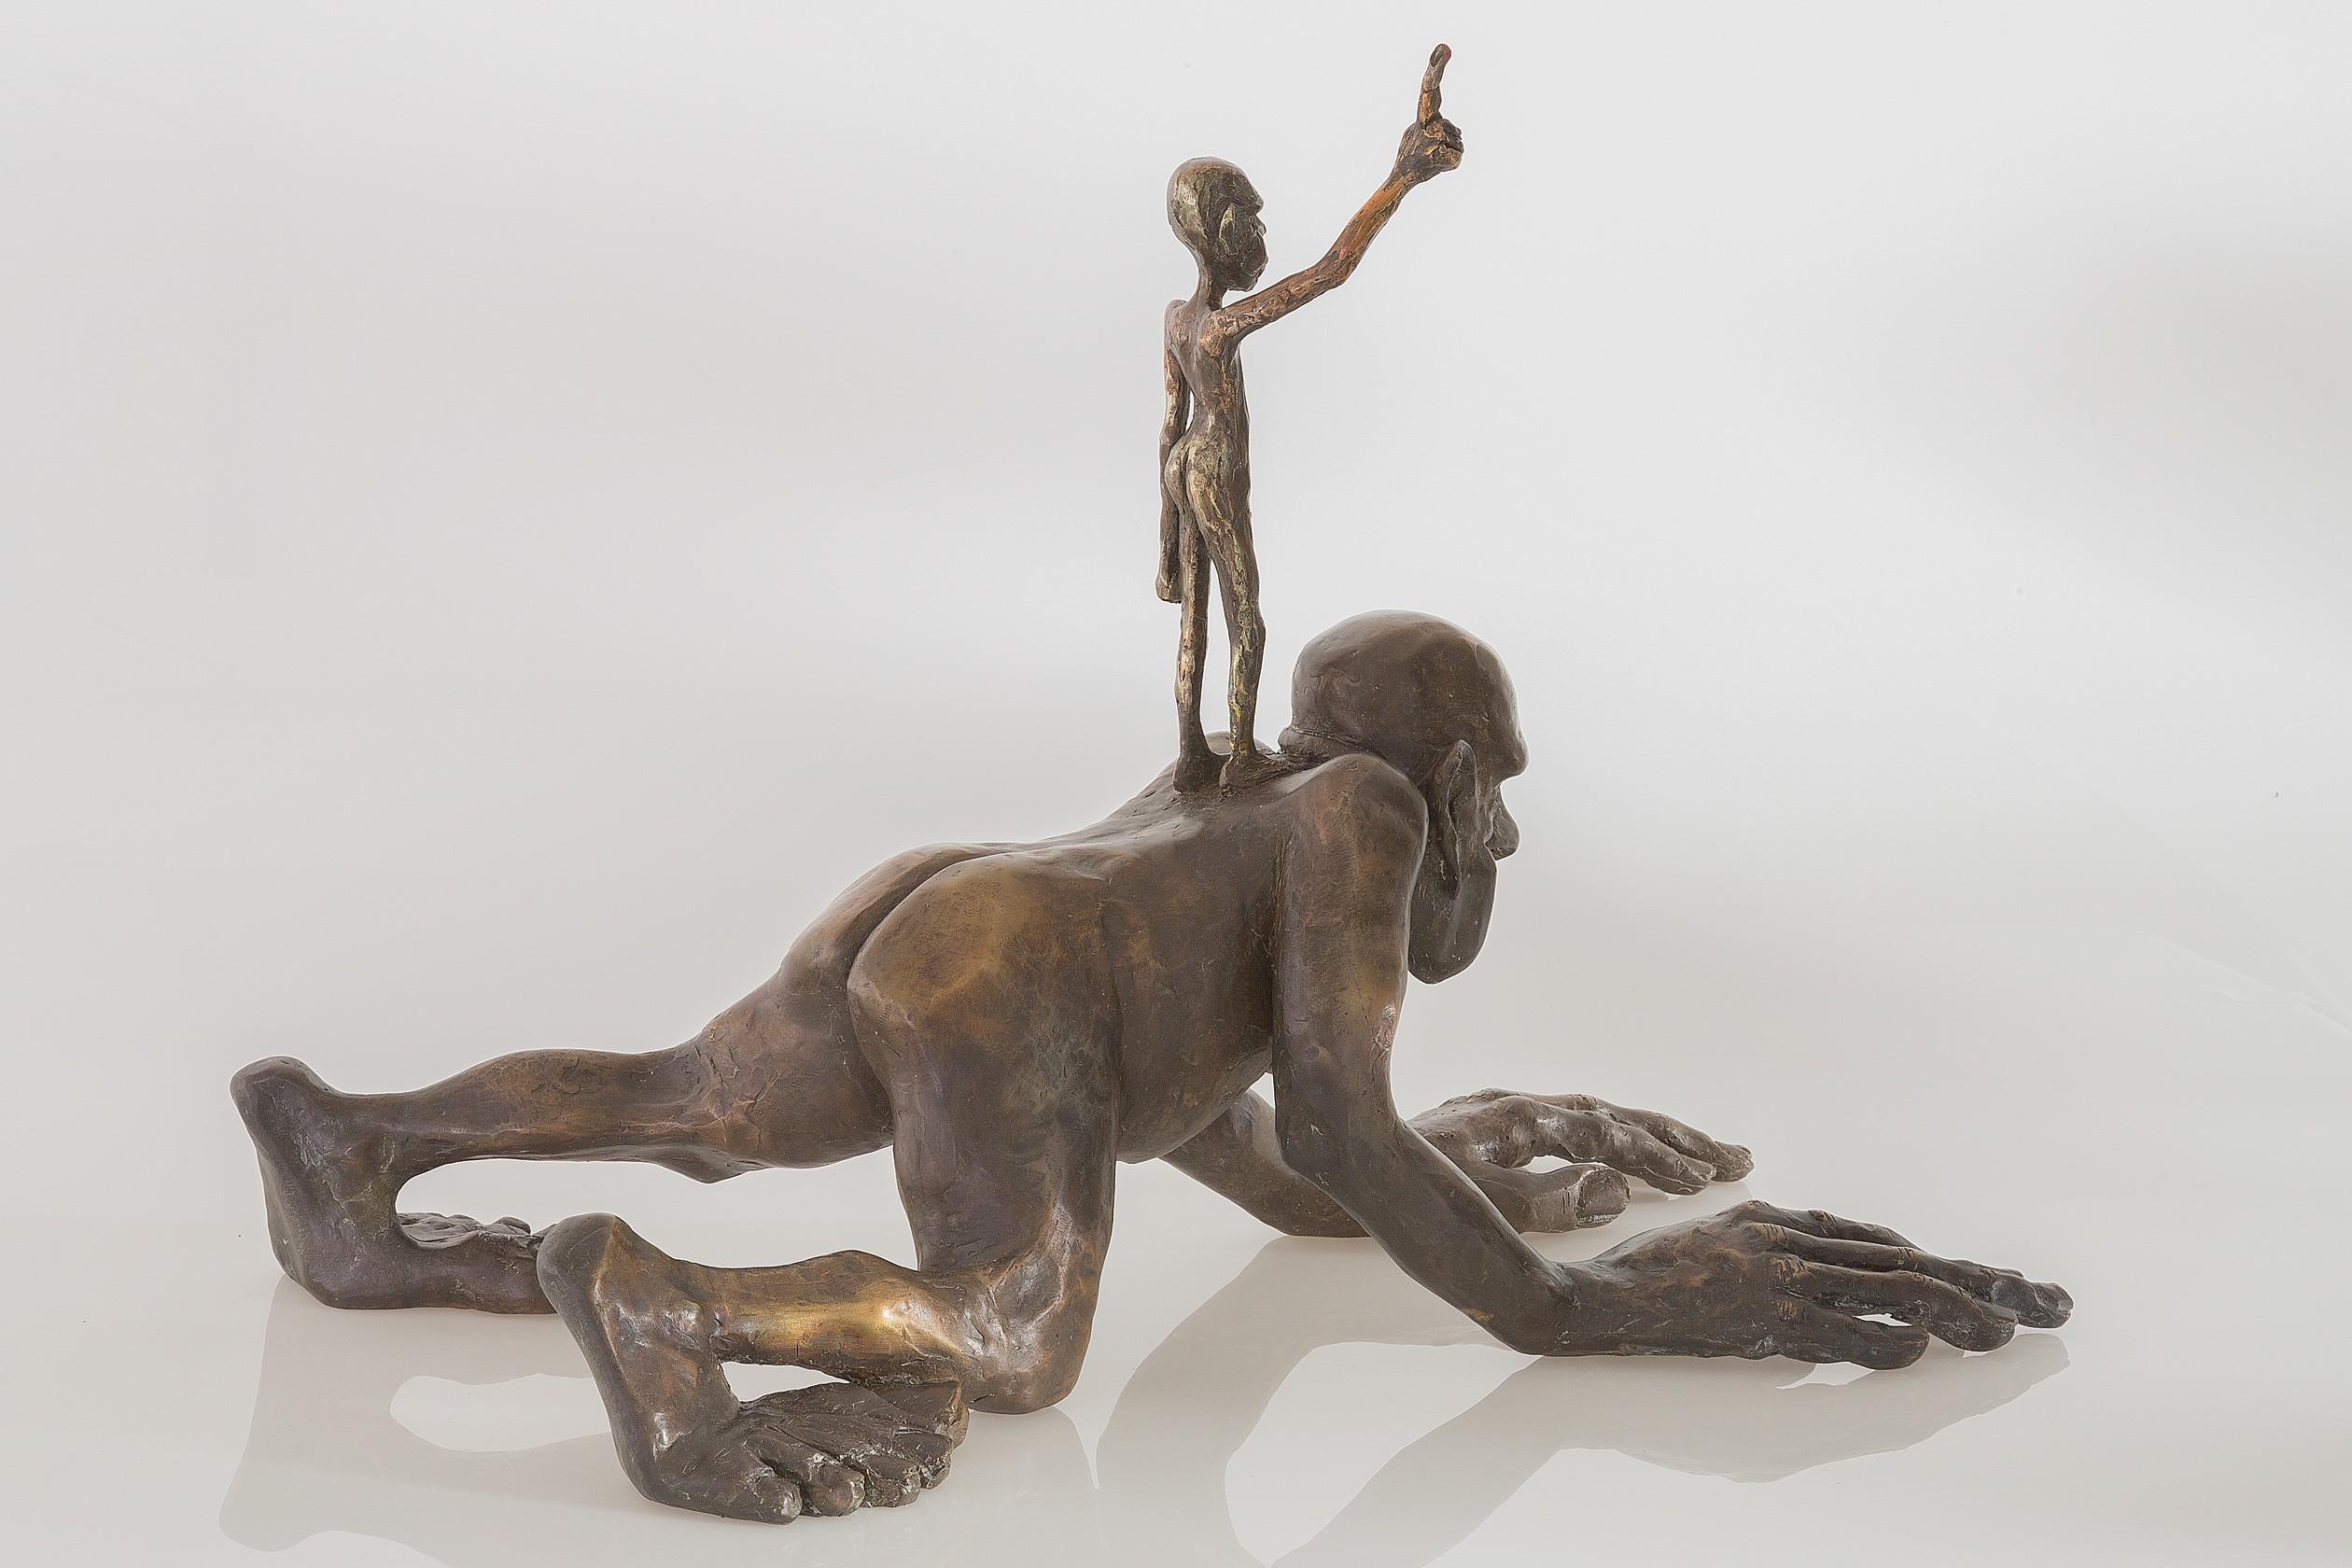 ÜberICH - Bronze Plastik - Skulptur seitlich rechts - Tim David Trillsam Bildhauer Künstler